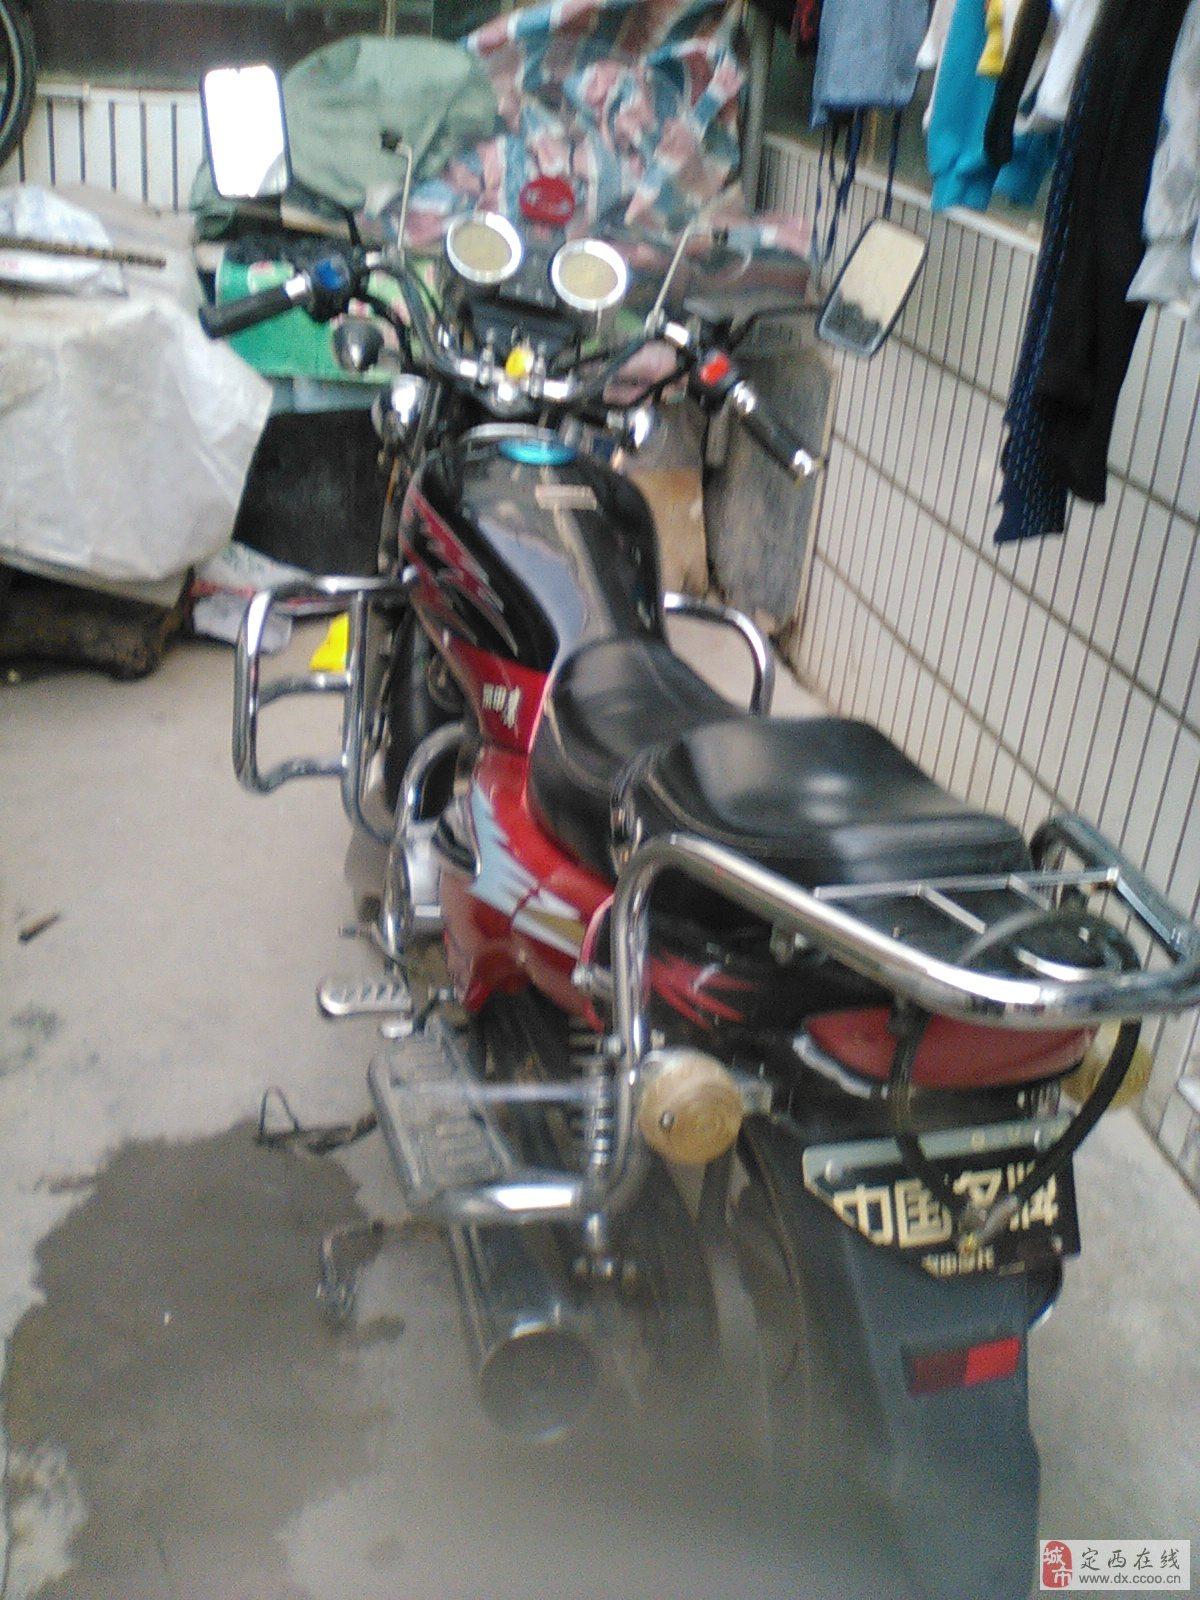 出售宗申150太子款摩托也可换小弯梁